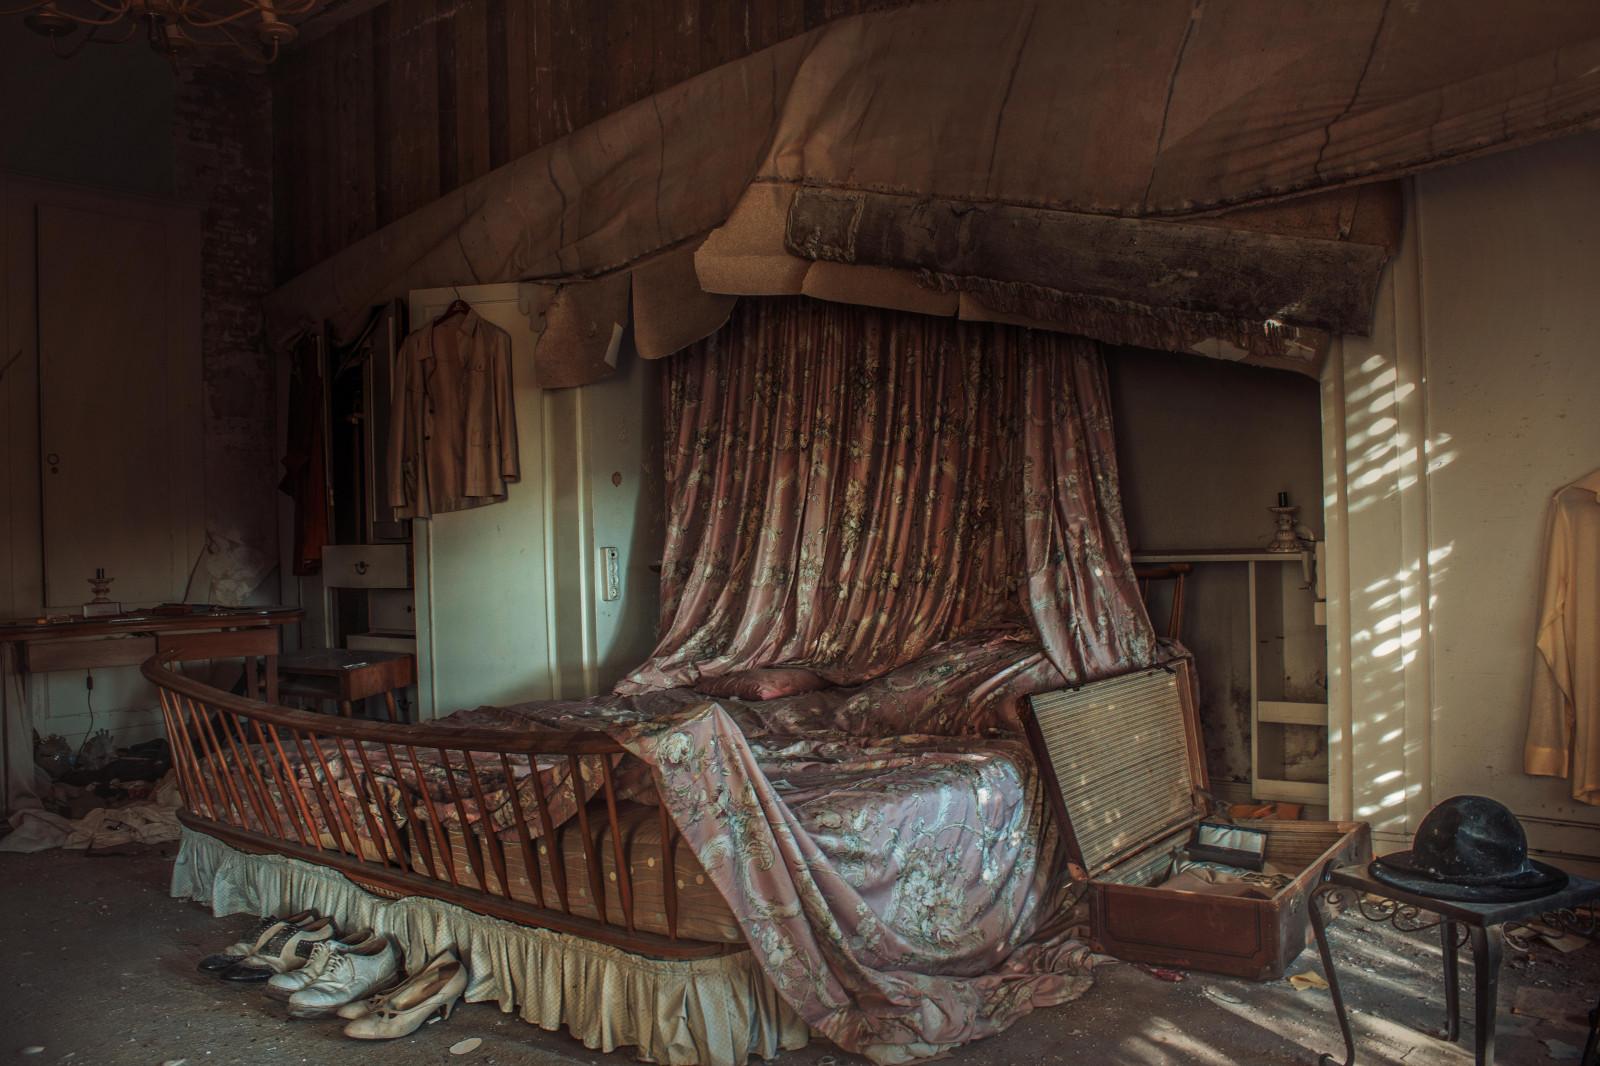 Fondos de pantalla : ventana, habitación, madera, casa, Canon ...